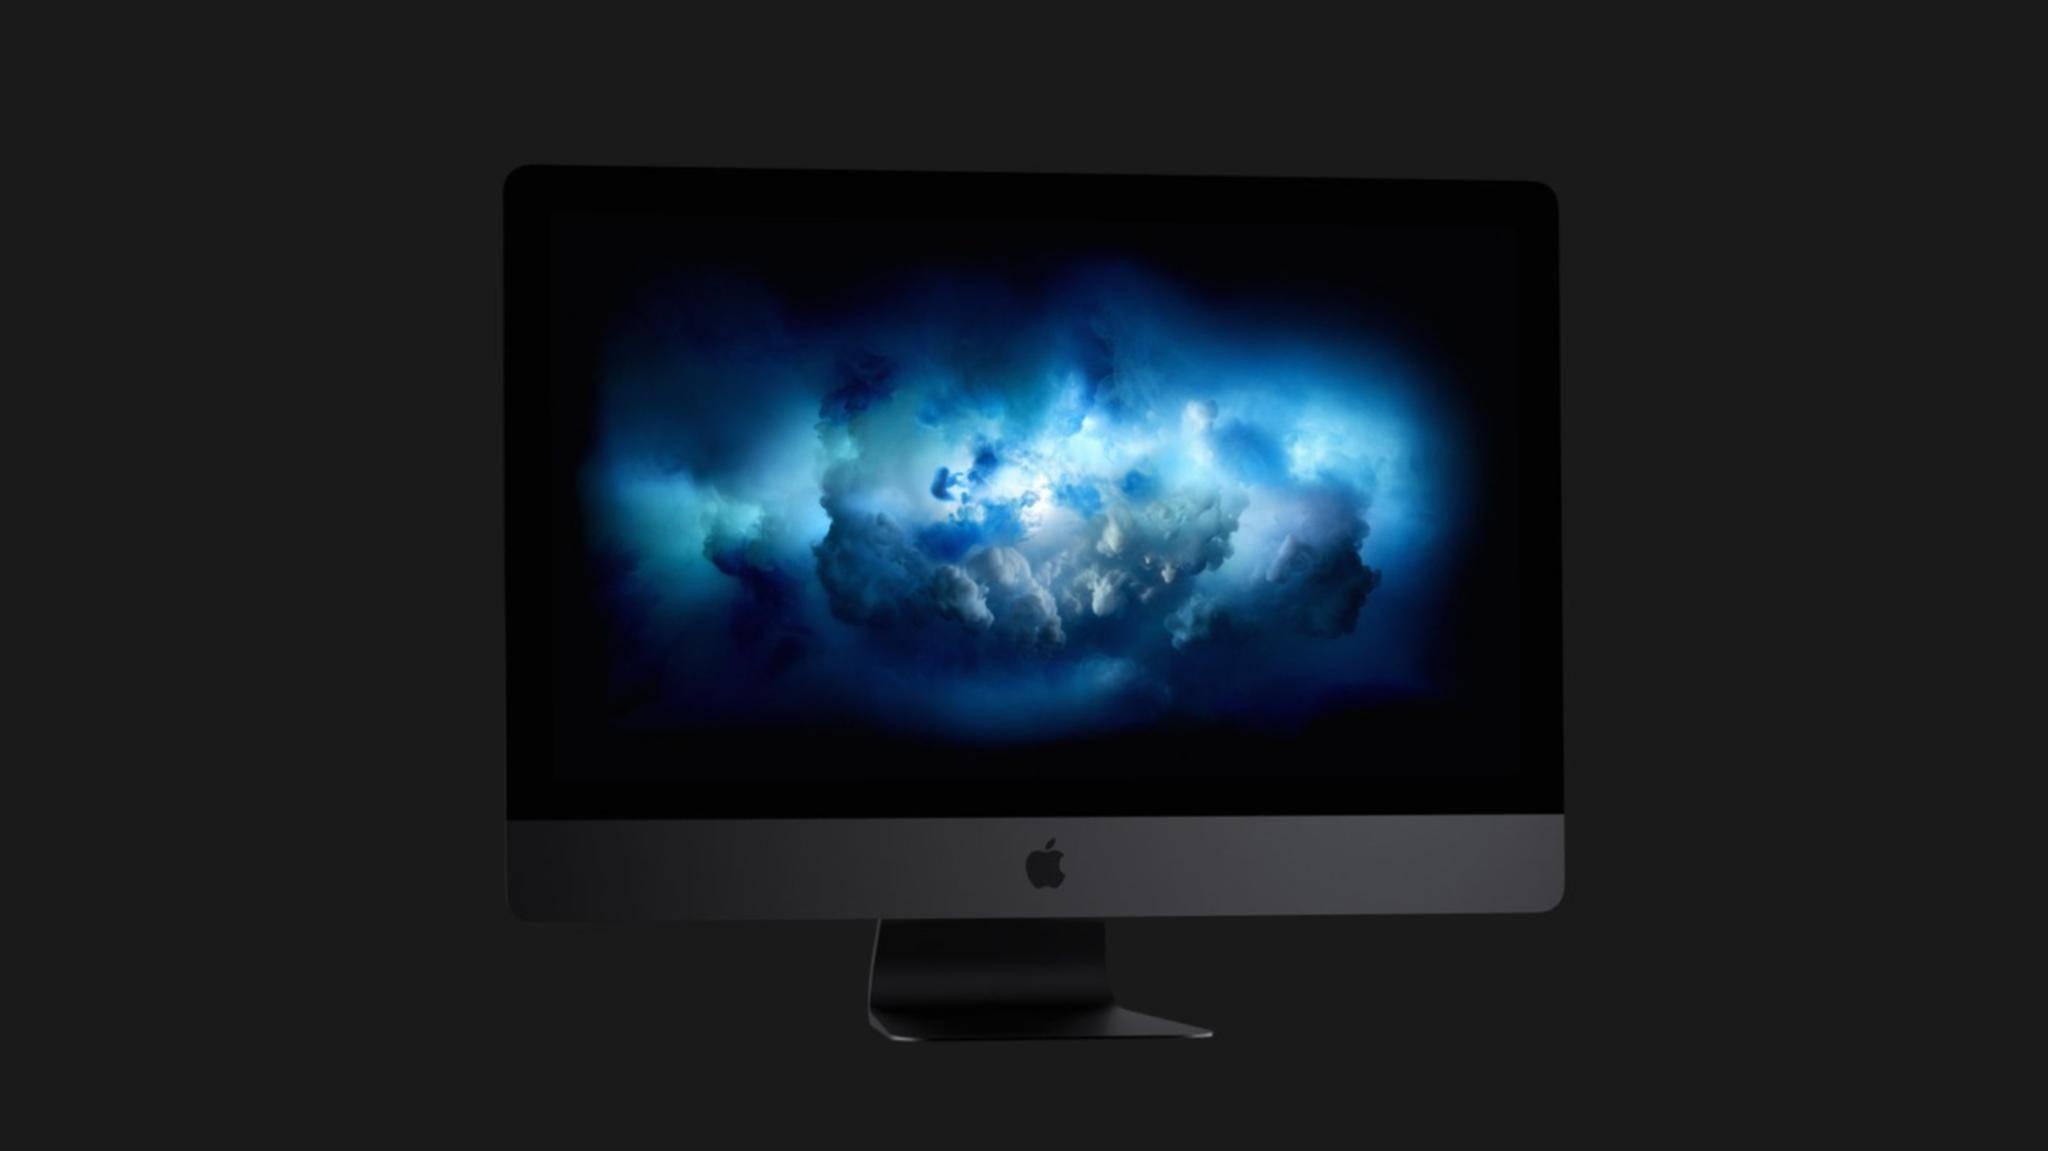 Der neue iMac Pro erscheint am 14. Dezember in Deutschland.